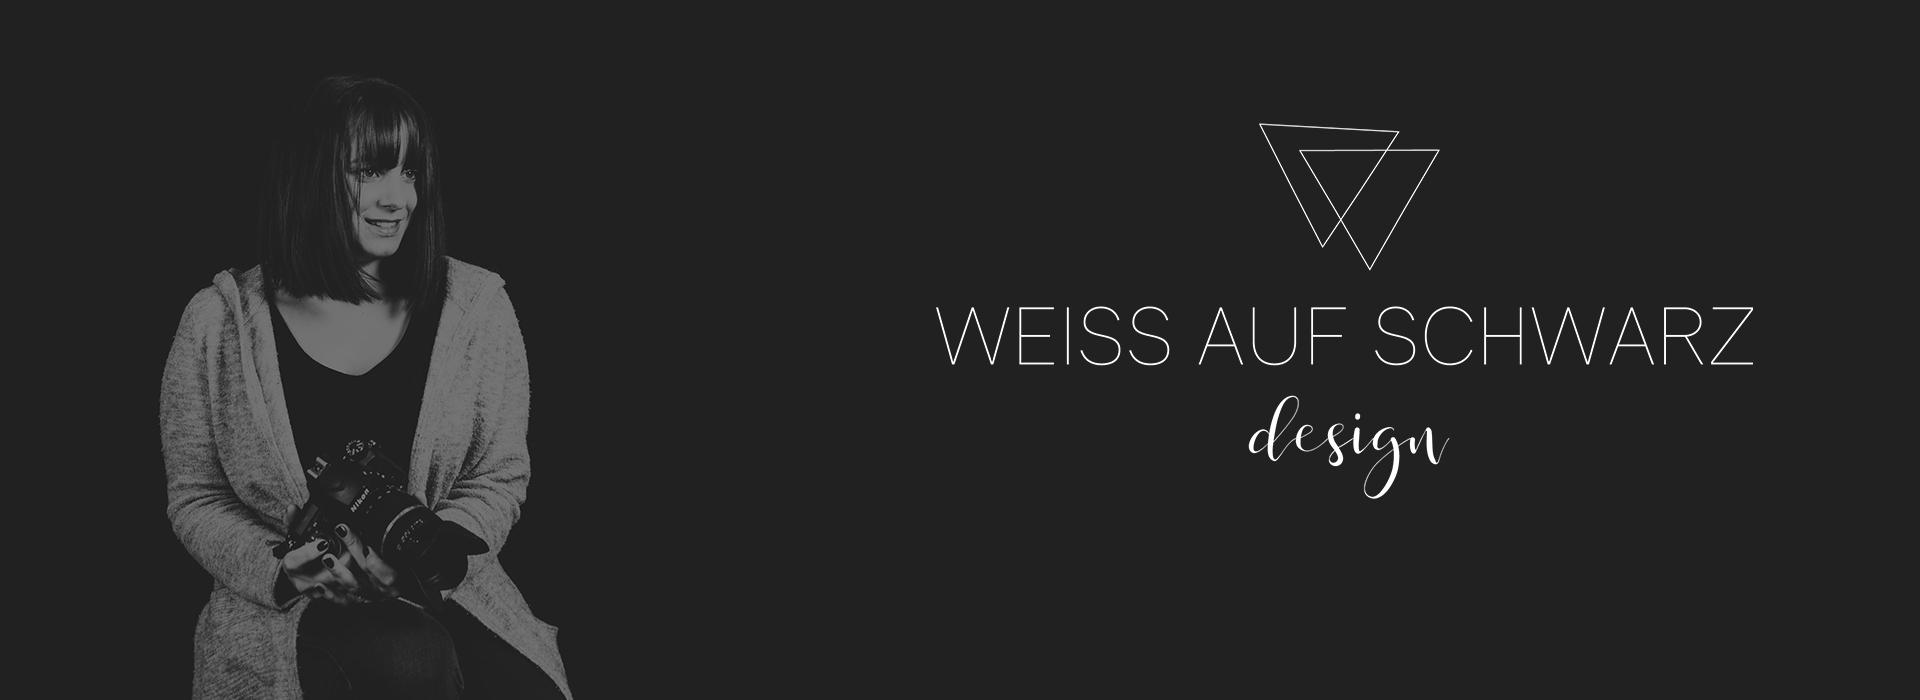 WEISS AUF SCHWARZ design